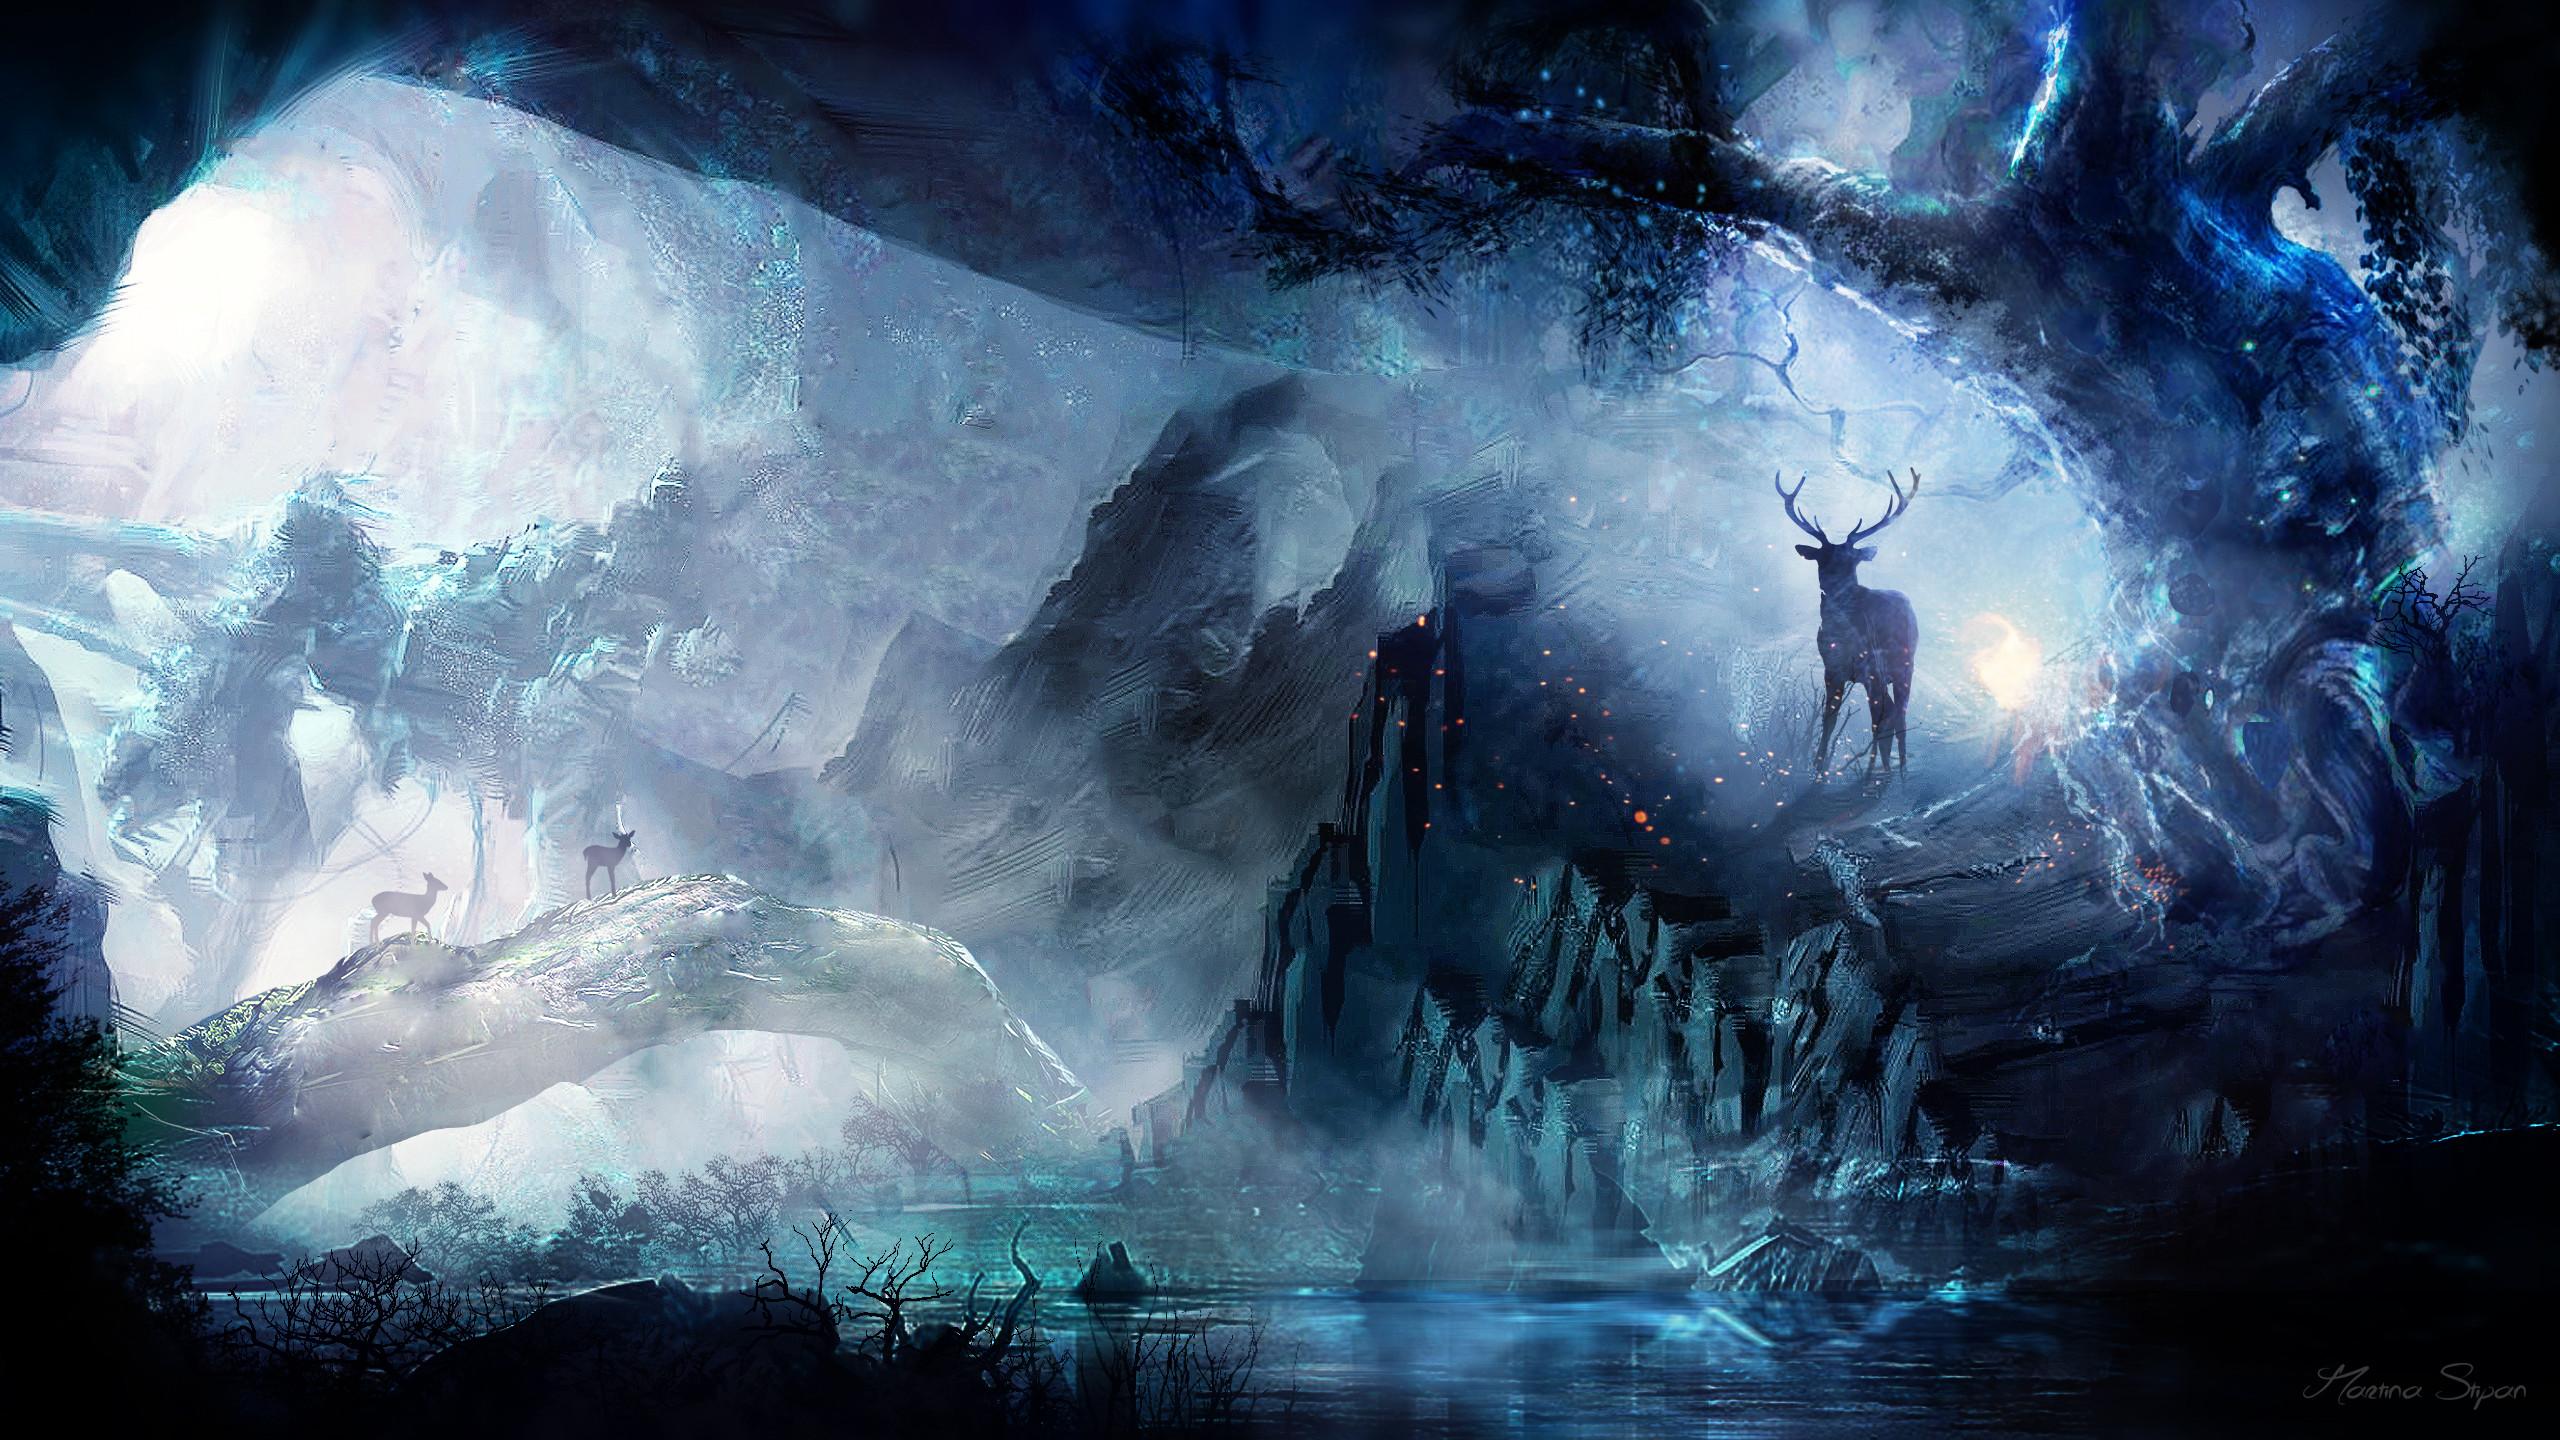 Fantasy forest wallpaper hd 78 images - Fantasy desktop pictures ...